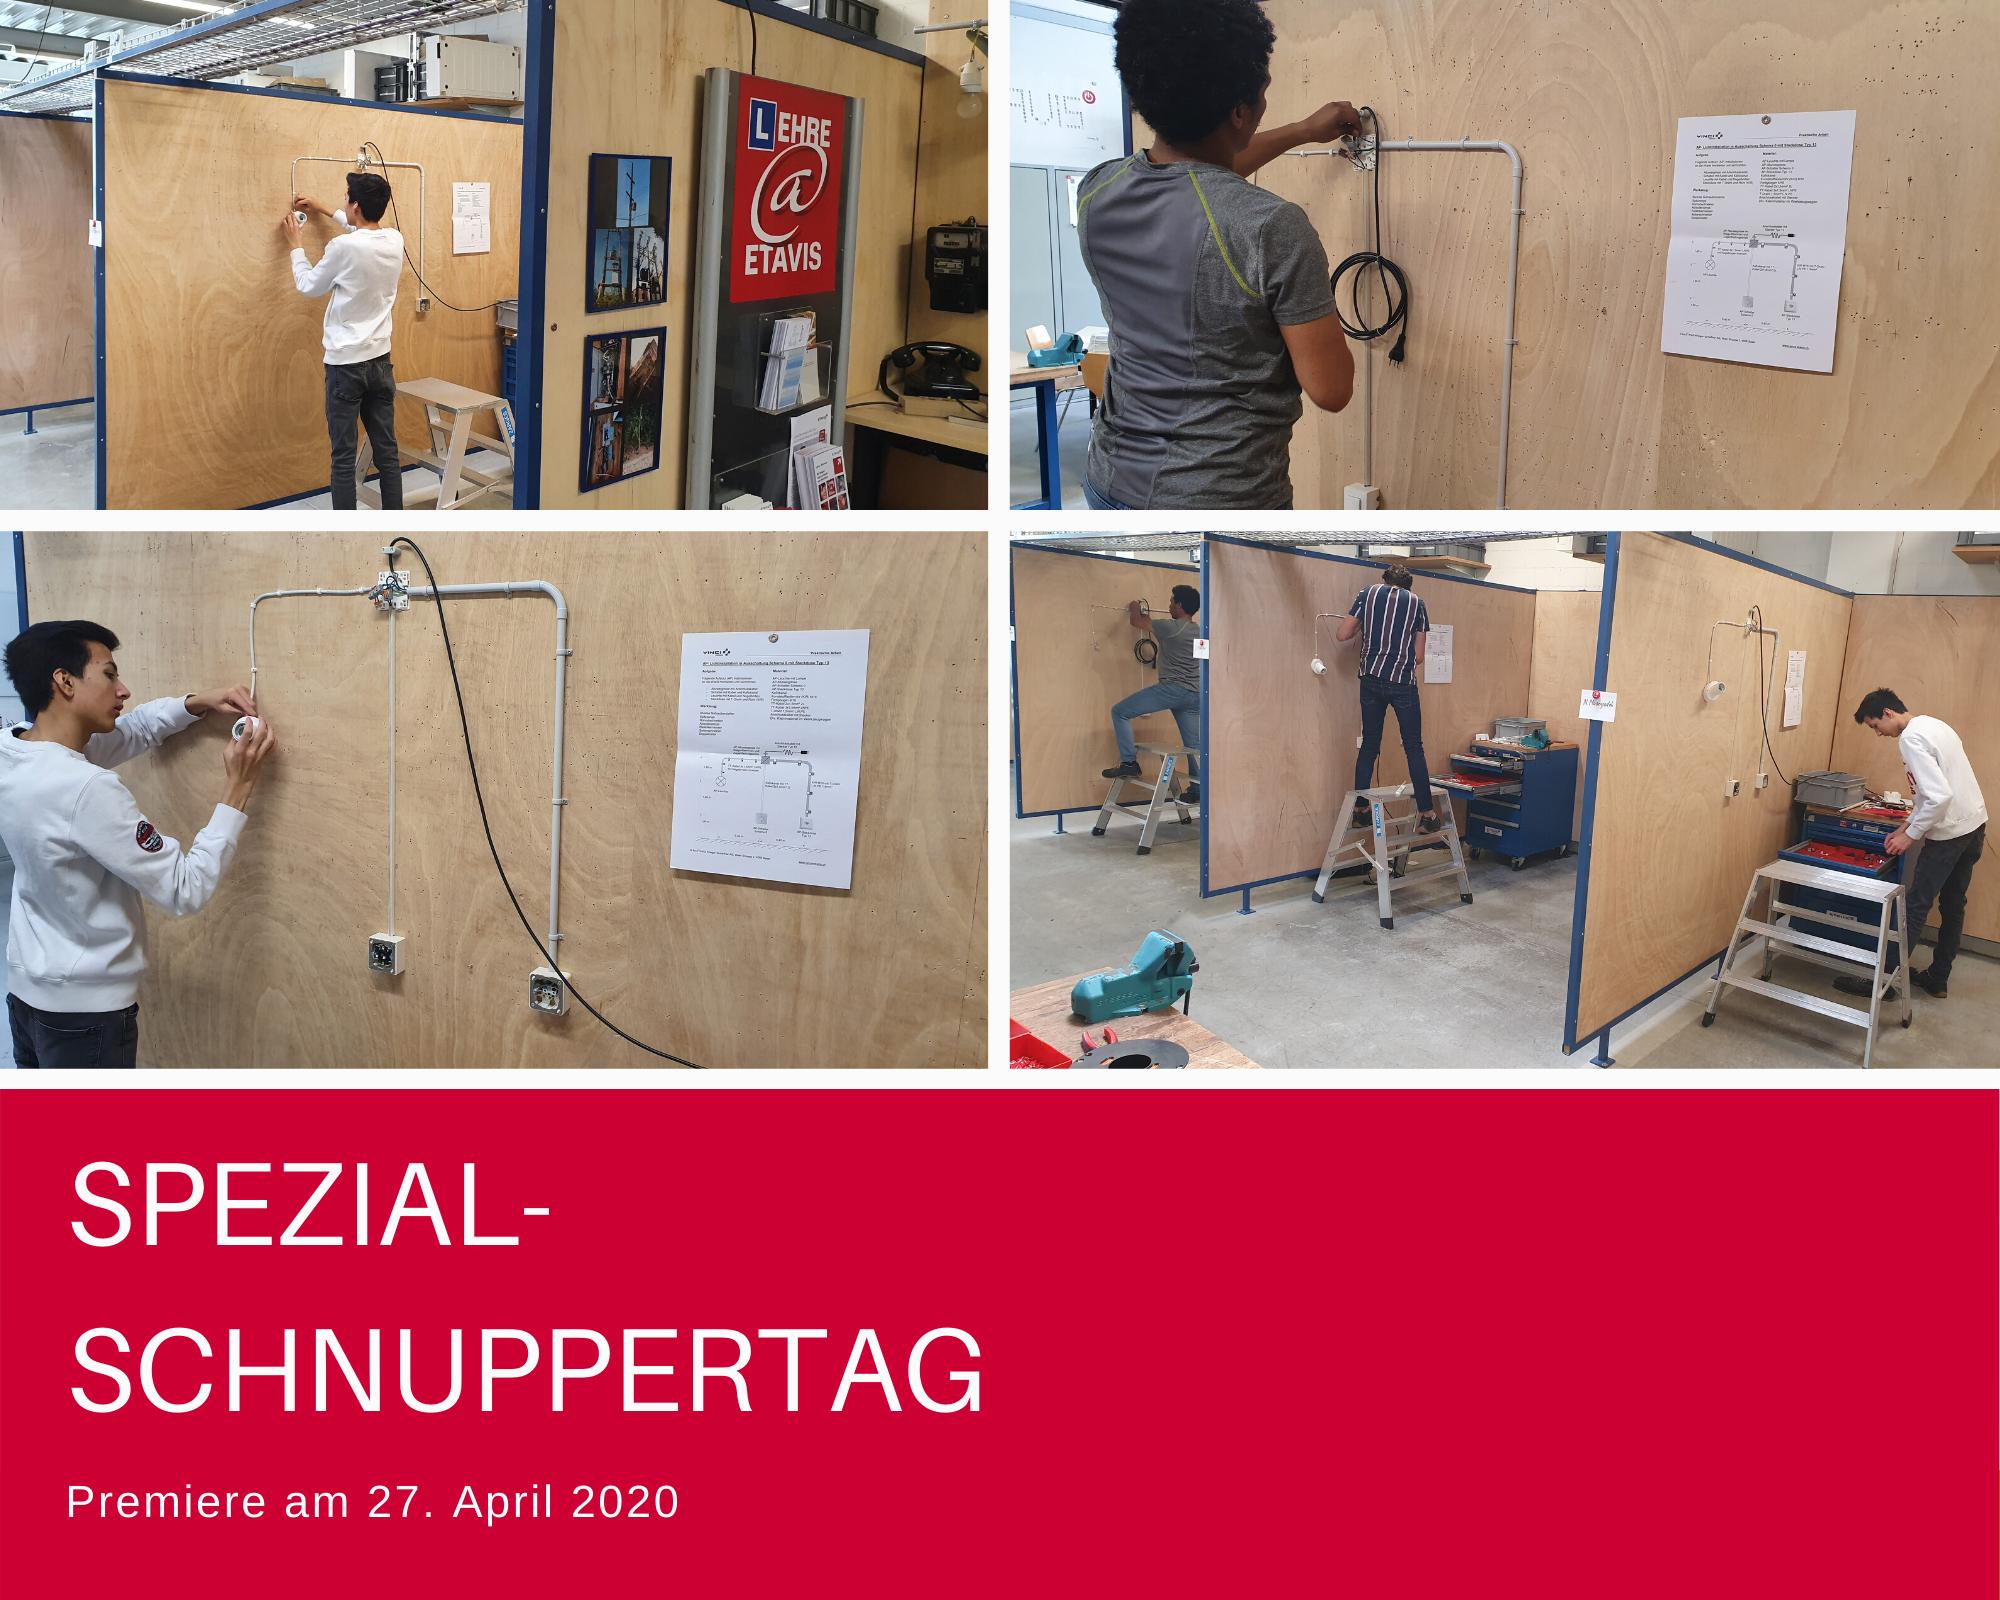 Spezial-Schnuppertag 27.04.20